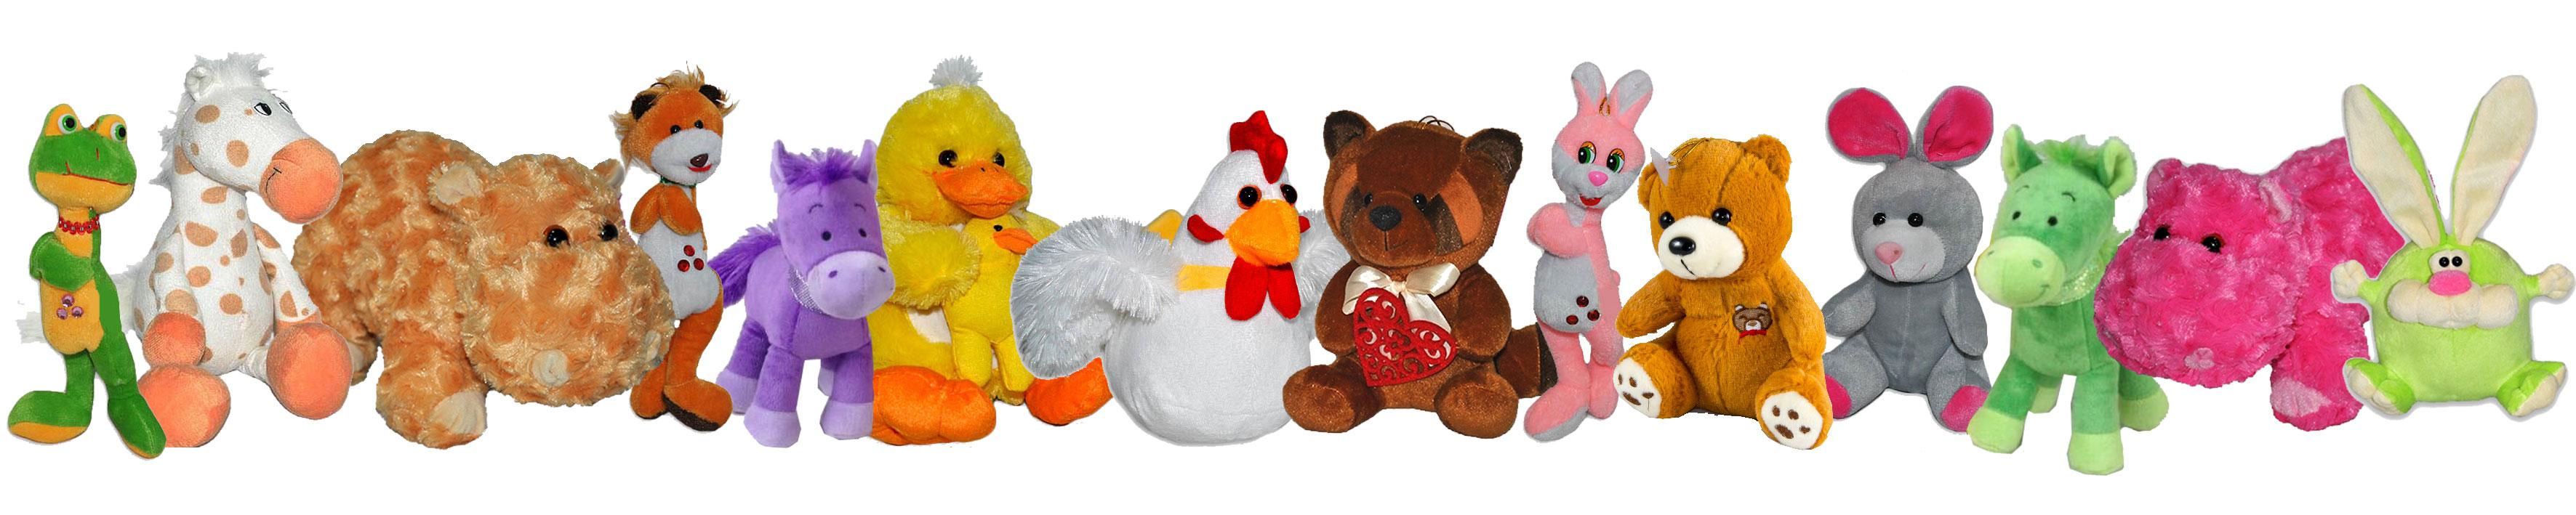 корпоративные мягкие игрушки